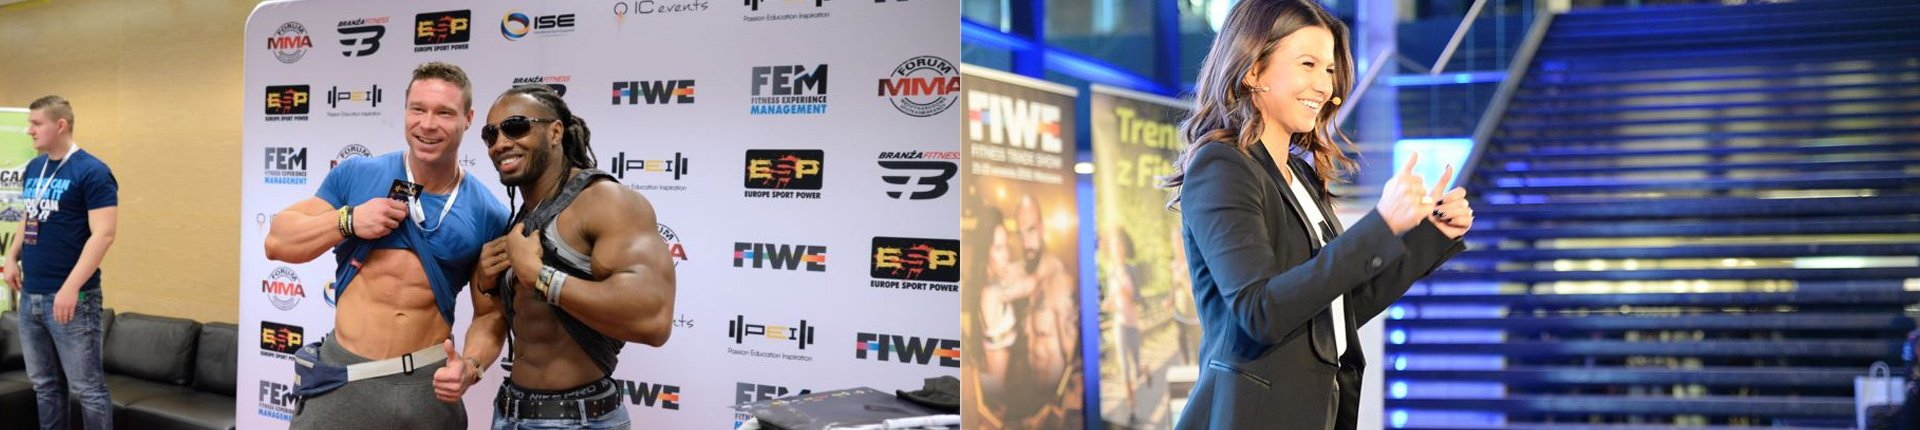 IV Edycja konferencji fitness PEI zakończona wielkim sukcesem